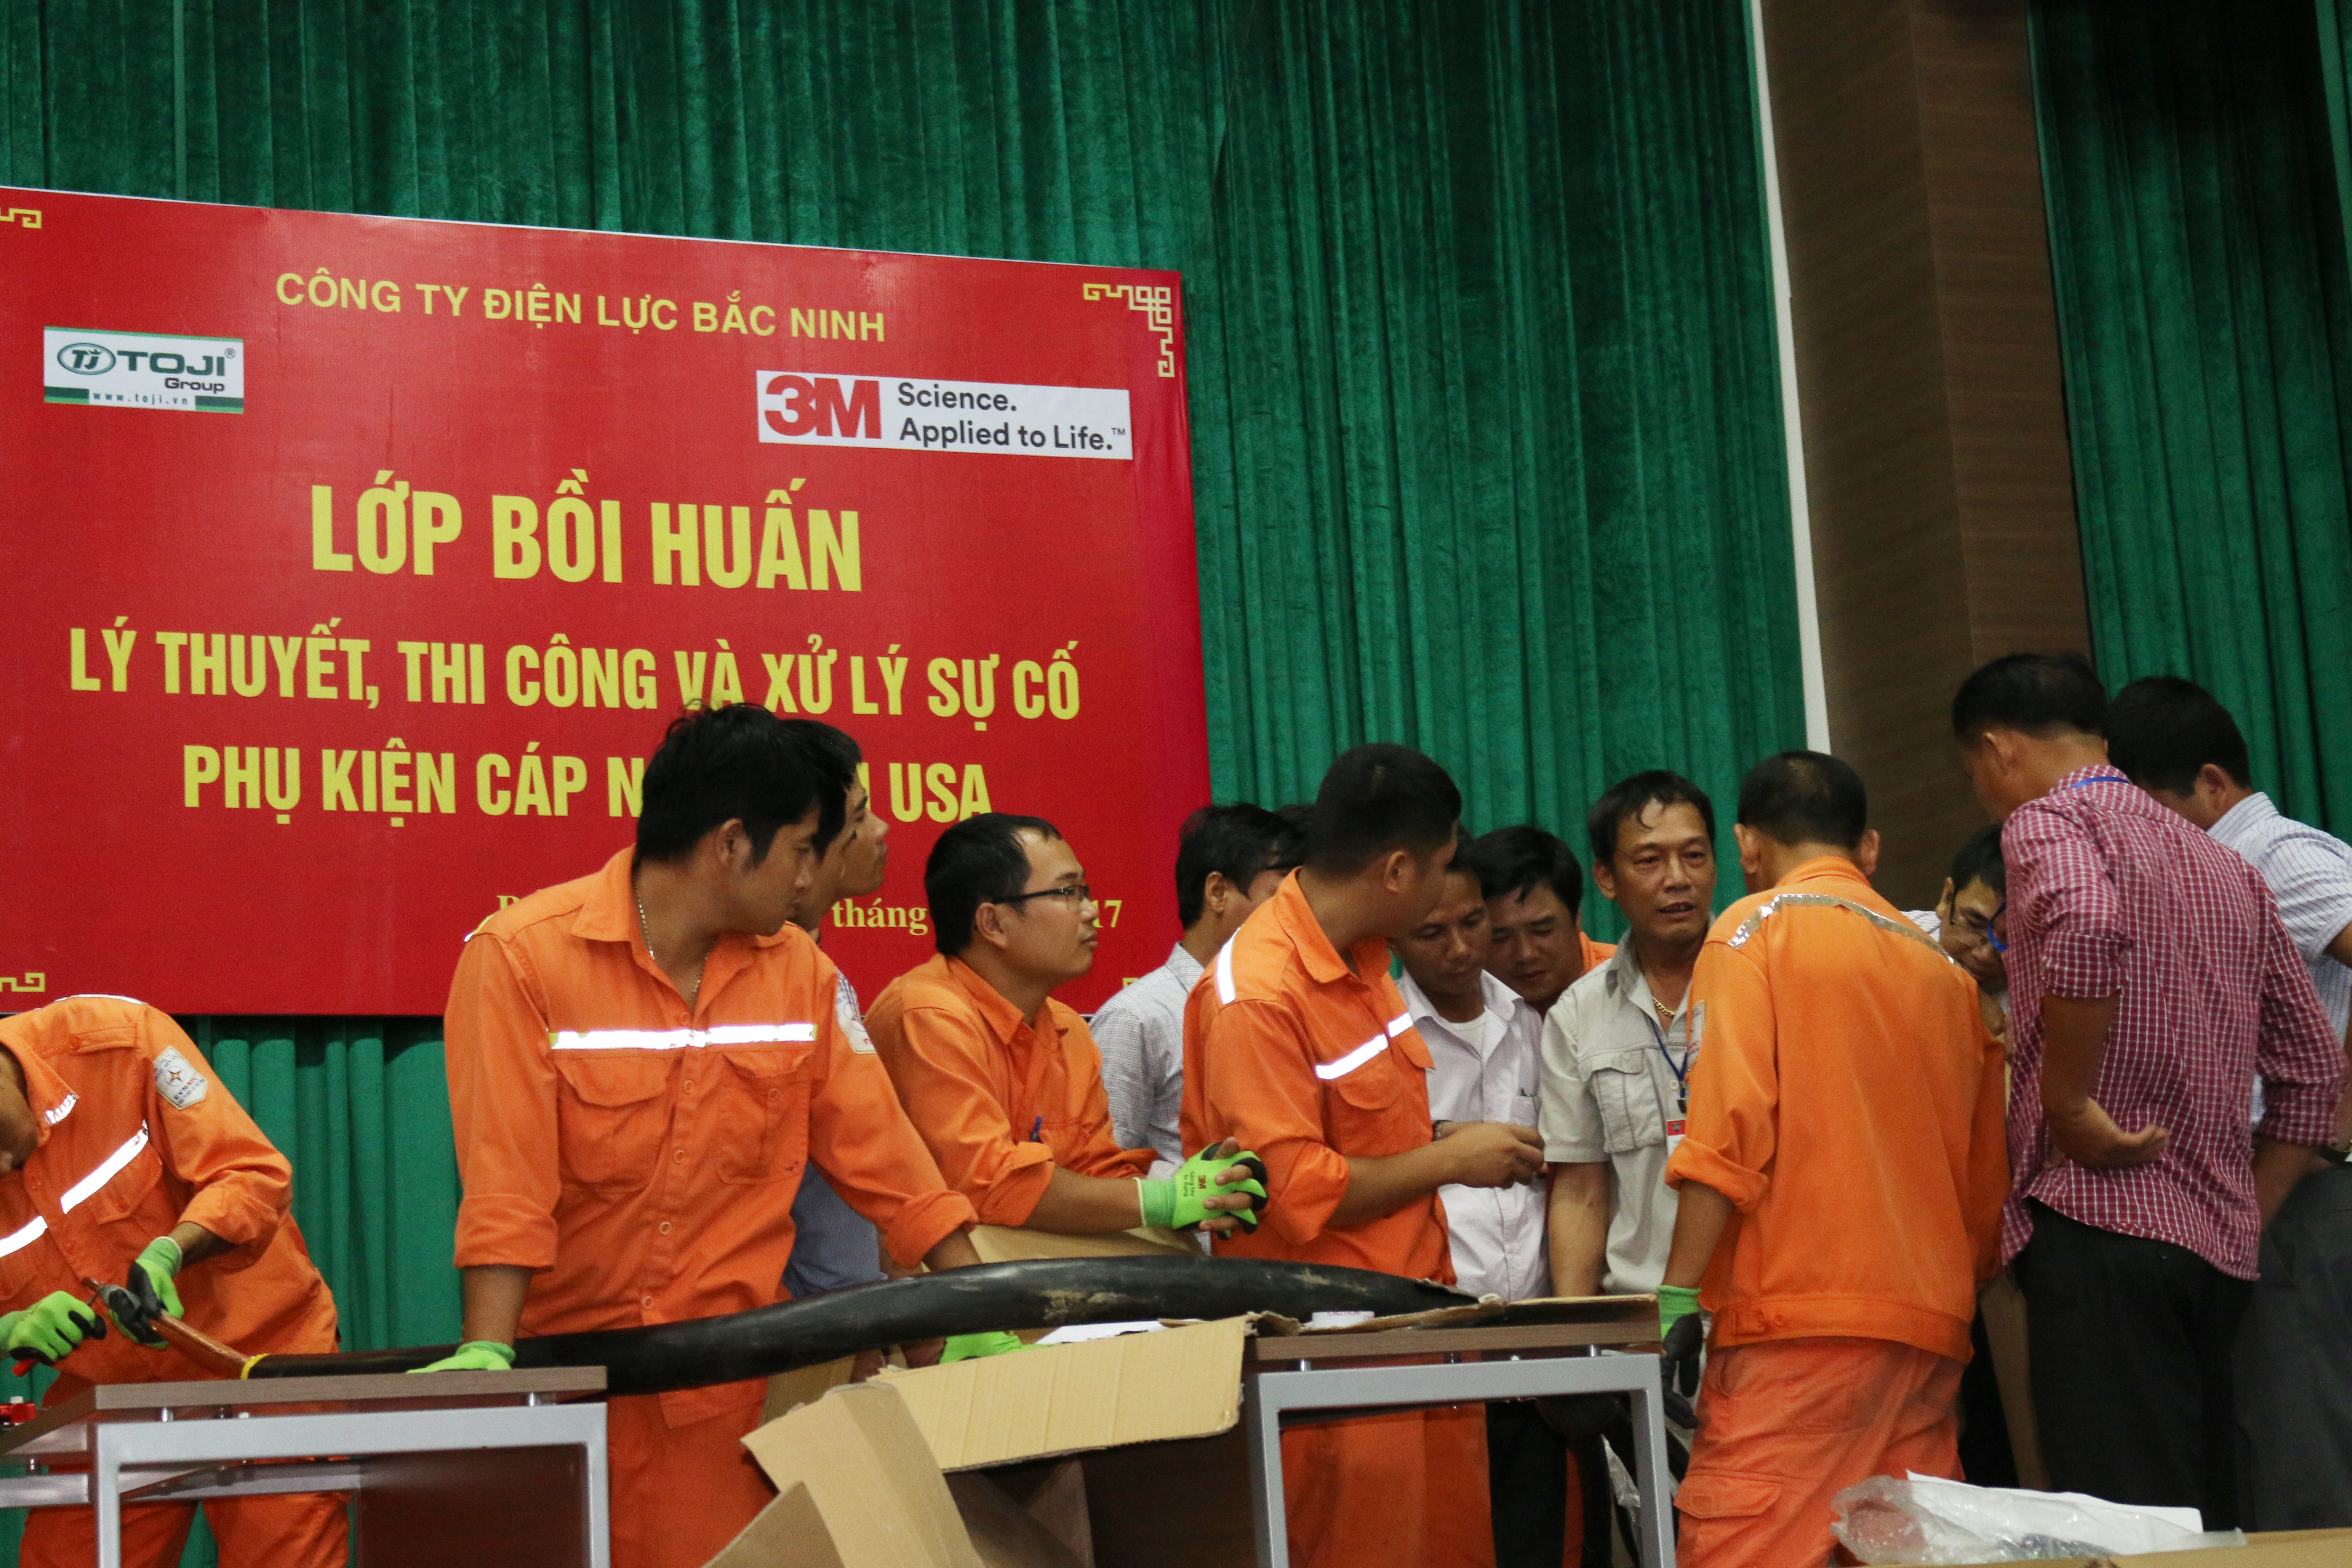 Phối hợp tổ chức bồi huấn cho cán bộ Điện lực Bắc Ninh